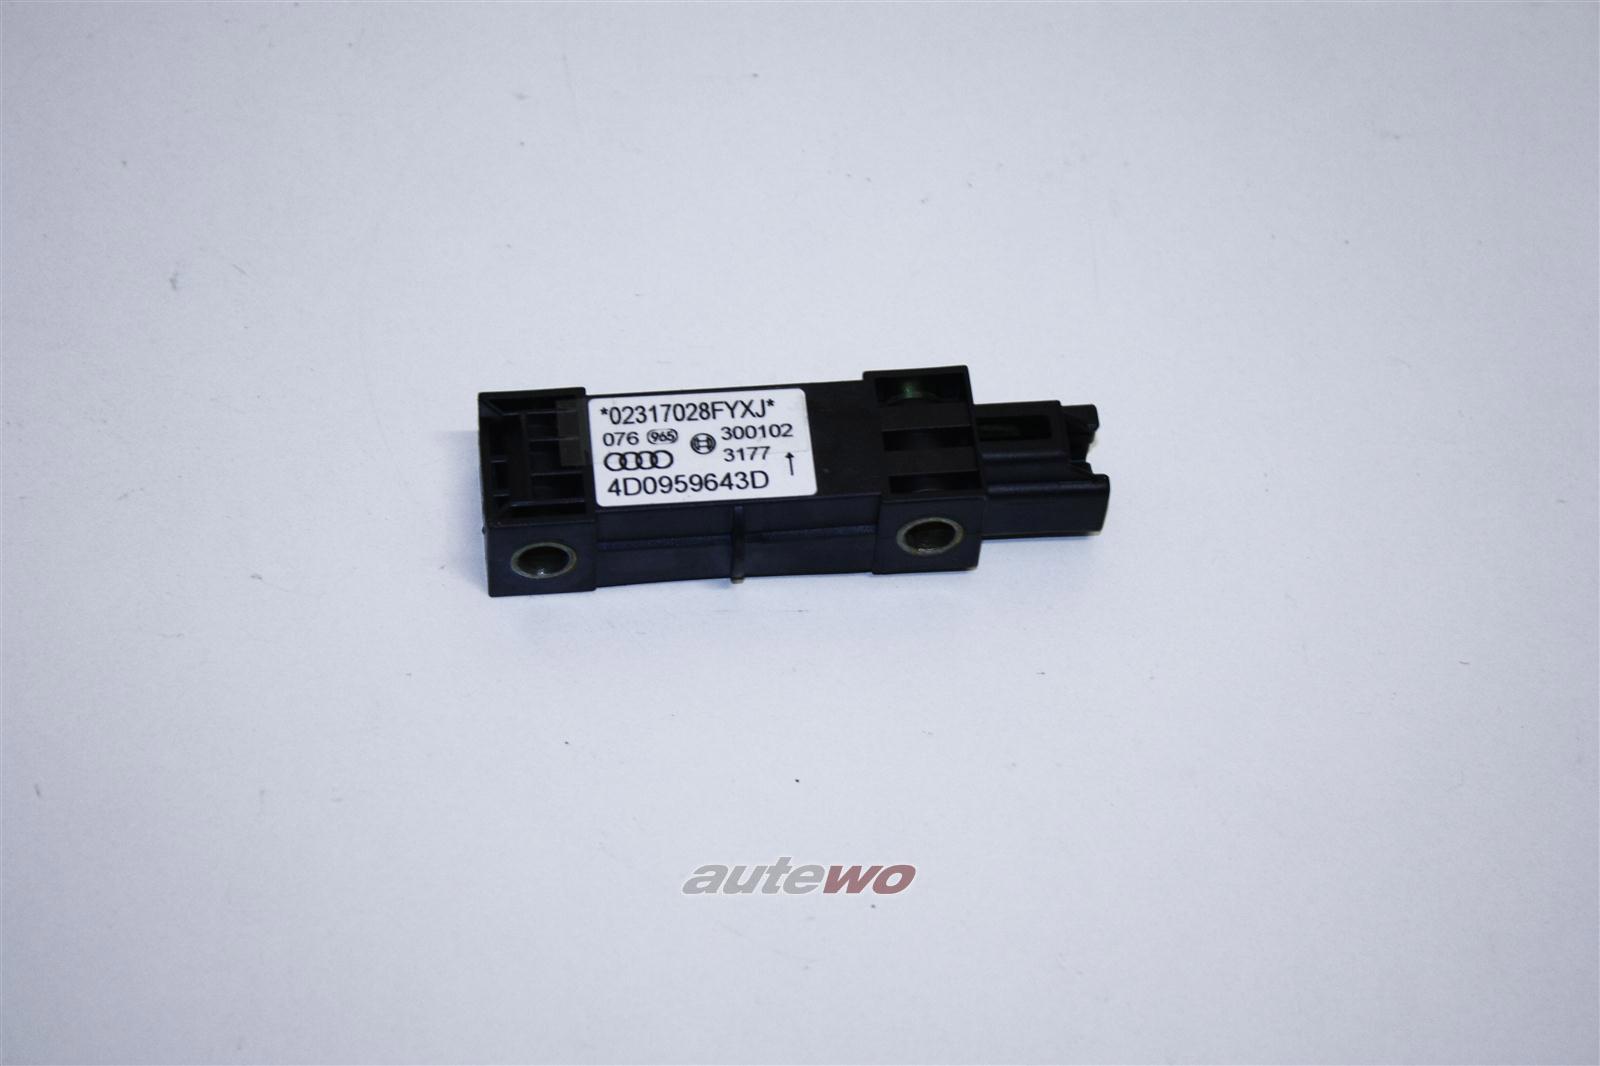 Audi A8 D2 Crash-Sensor für Querbeschleunigung 4D0959643D